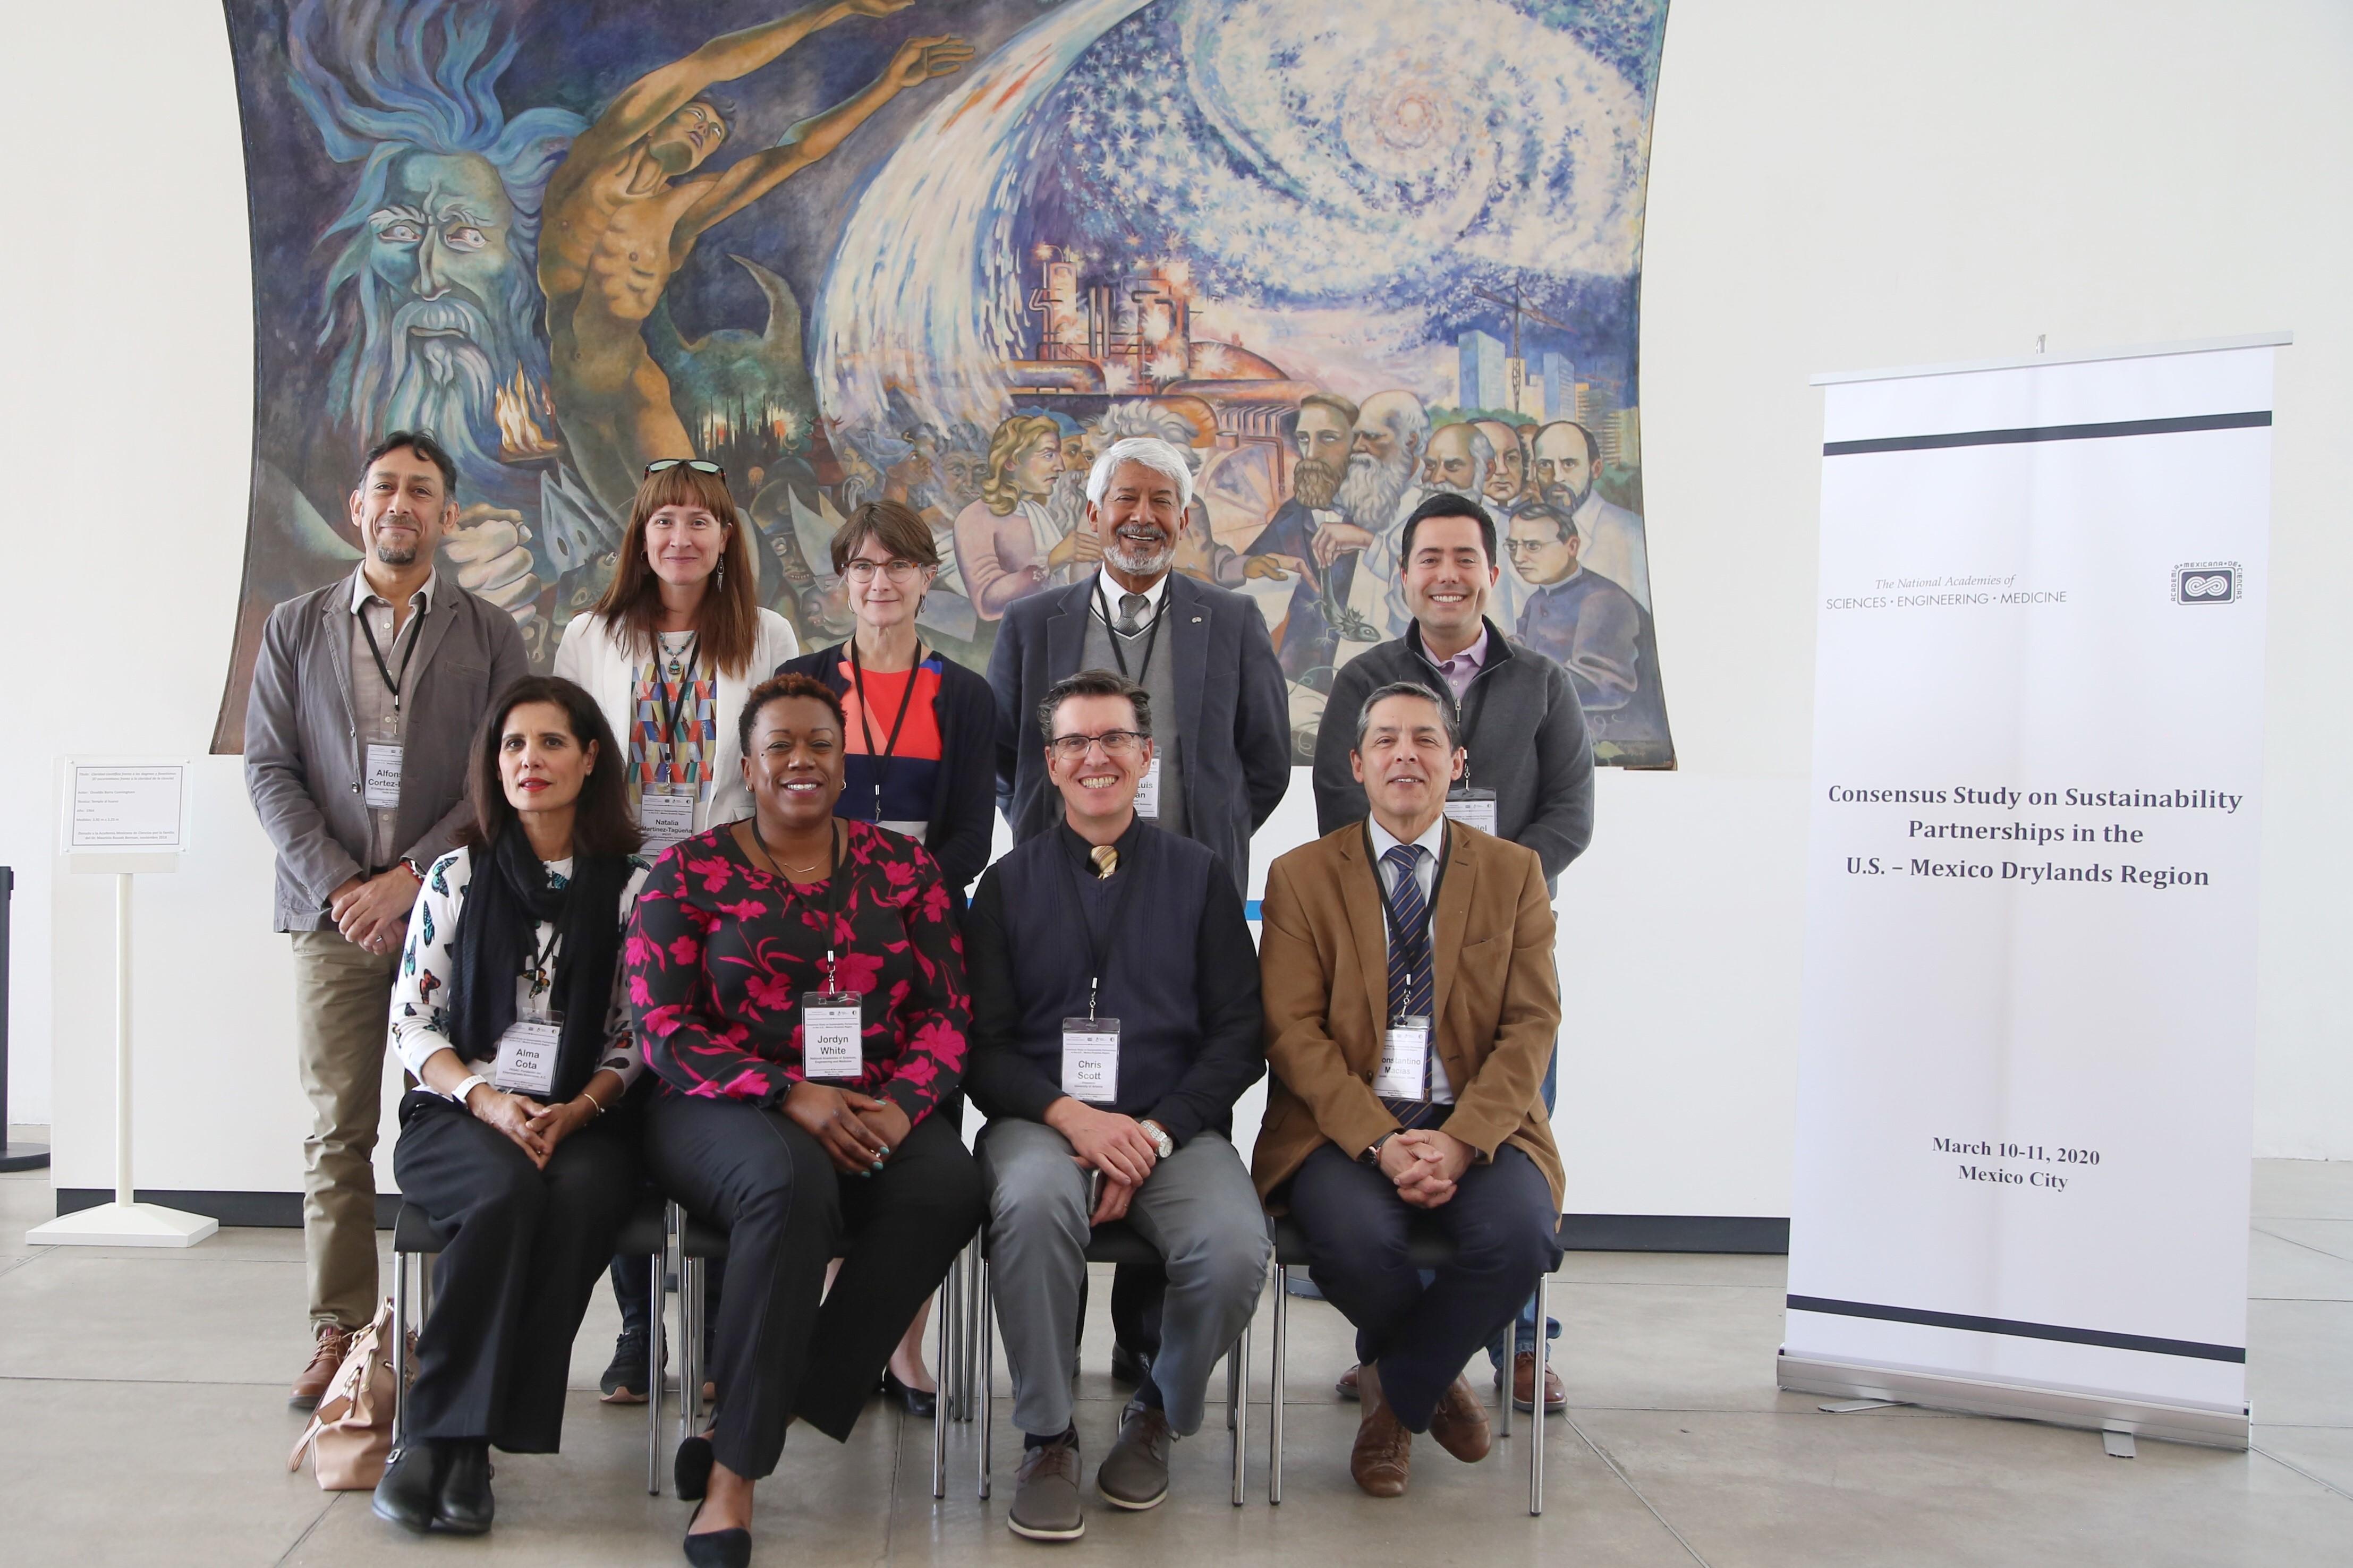 El Estudio de consenso para la región árida y semiárida transfronteriza reunió durante dos días a expertos norteamericanos y mexicanos.